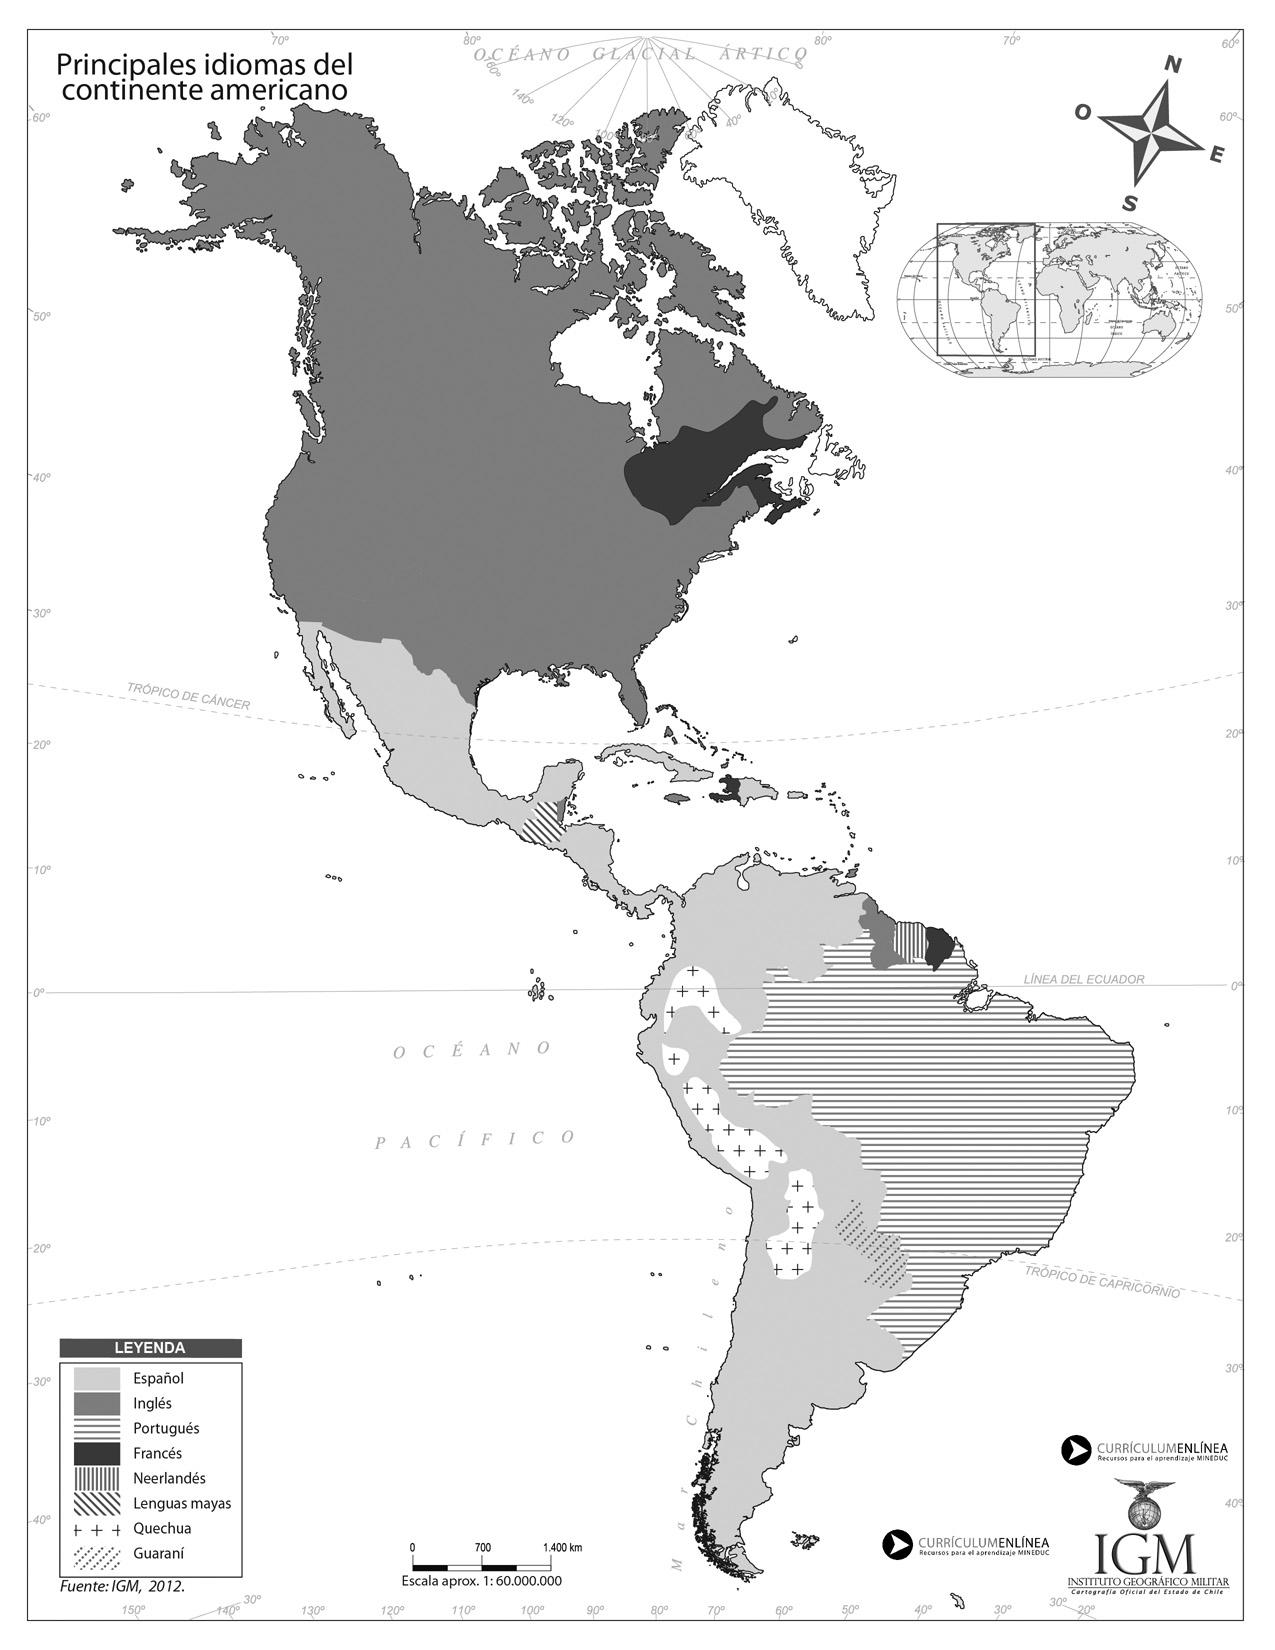 Idiomas en América - Currículum en línea. MINEDUC. Gobierno de Chile.